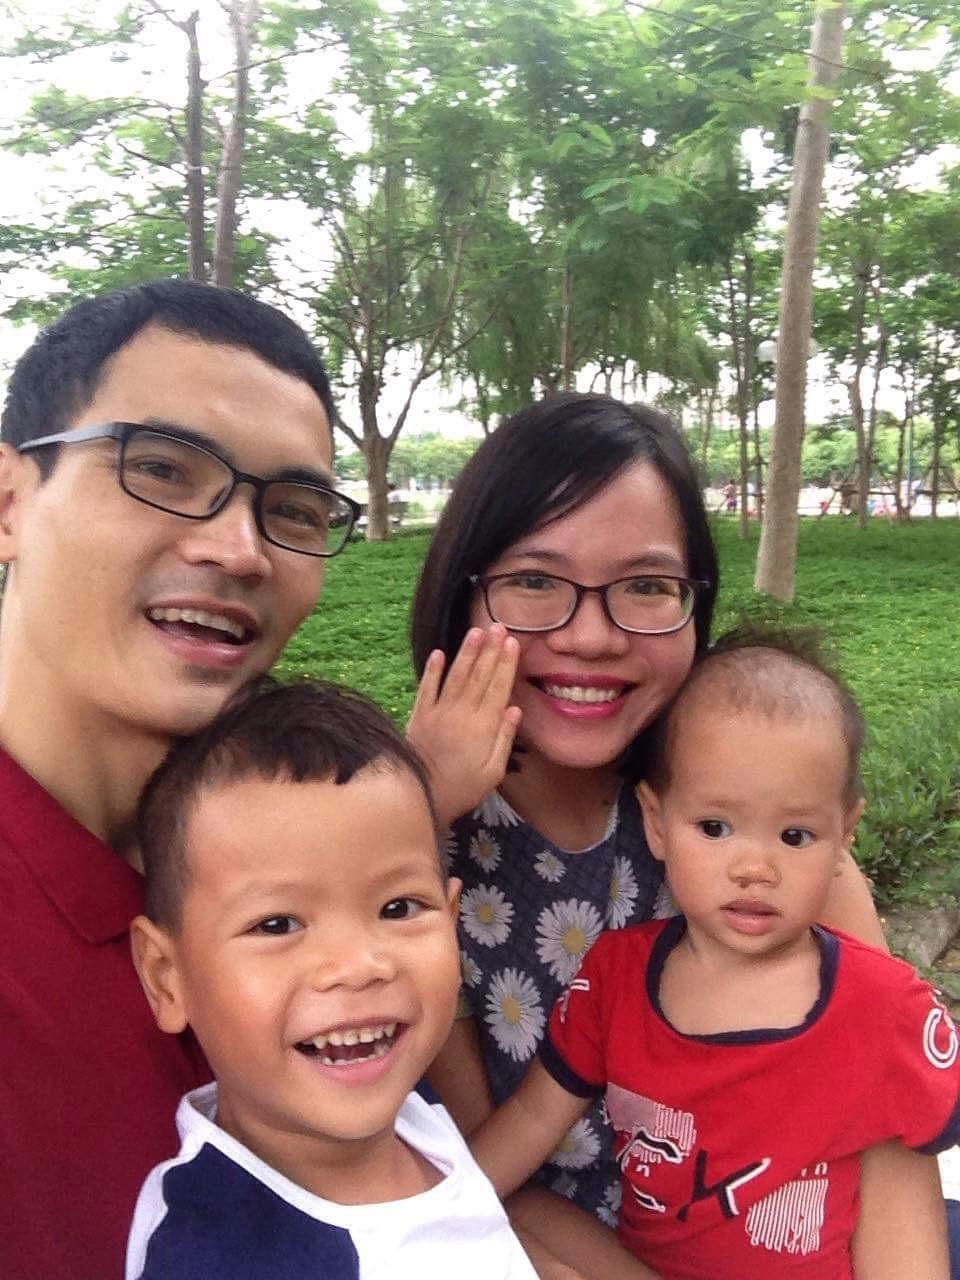 Từng cạn kiệt sữa mẹ nhưng chỉ làm 1 điều duy nhất, mẹ Việt lại tràn trề sữa cho 2 con bú cùng lúc - Ảnh 1